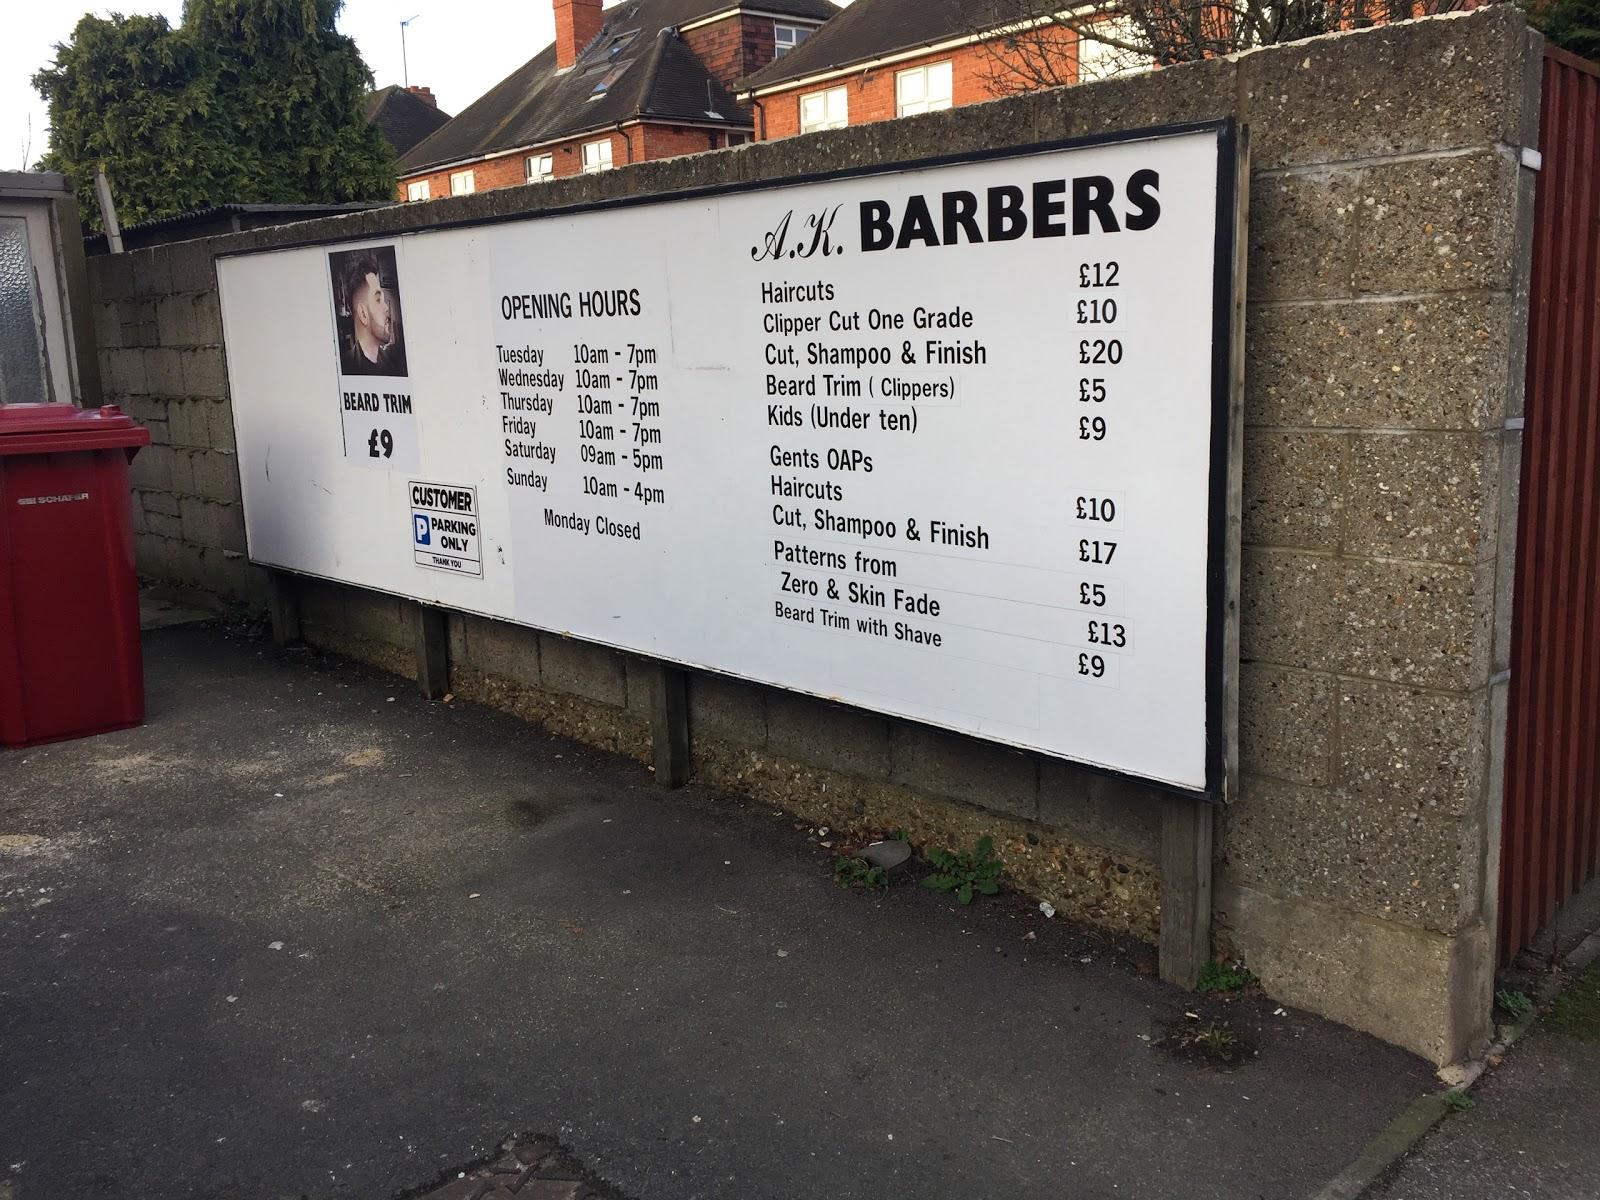 A.K. Barbers